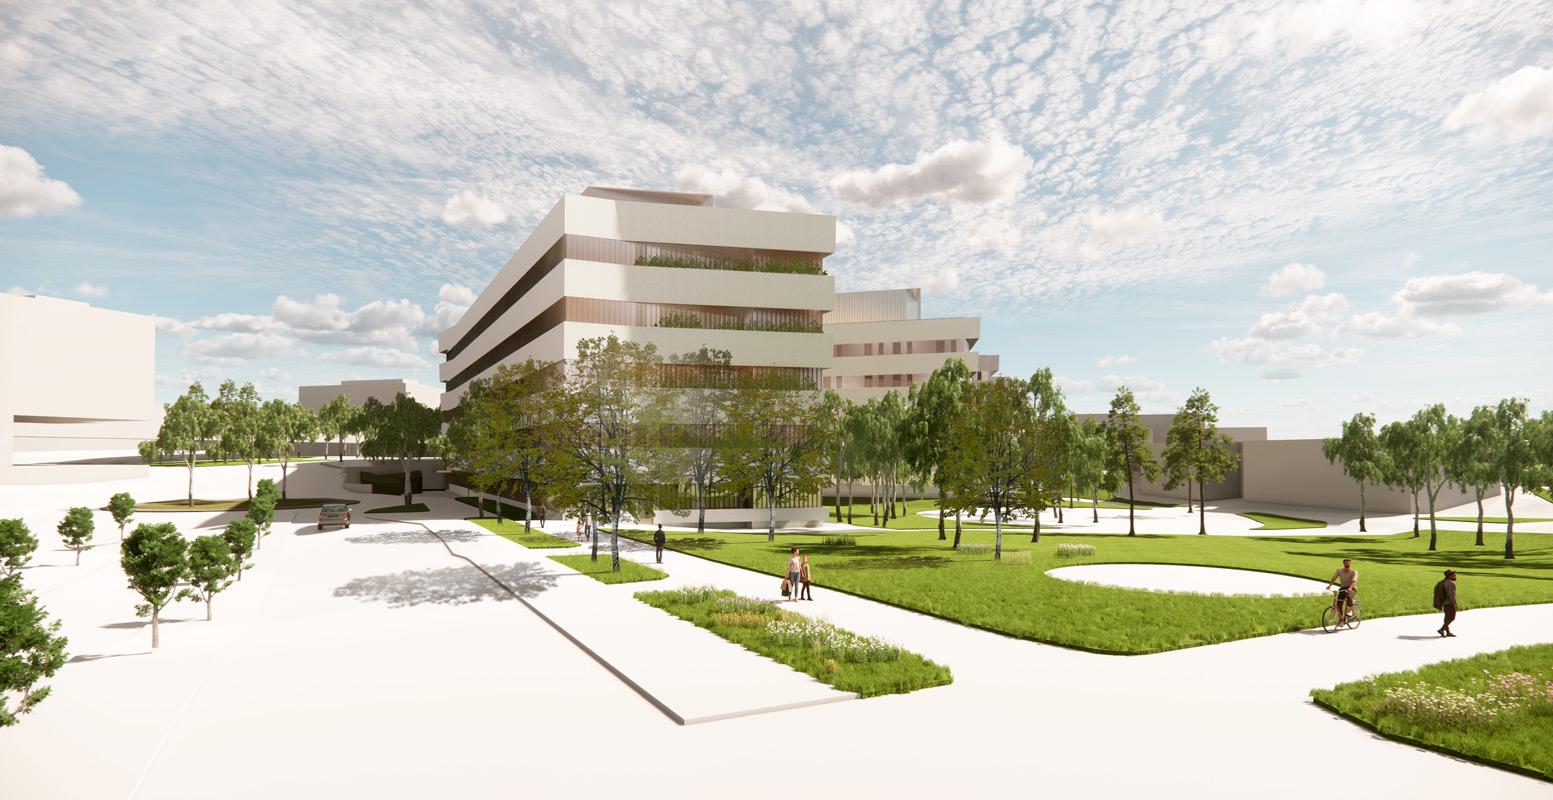 Jorvin sairaalan uuden osastorakennuksen hankesuunnitelmavaiheen ulkohavainnekuva.